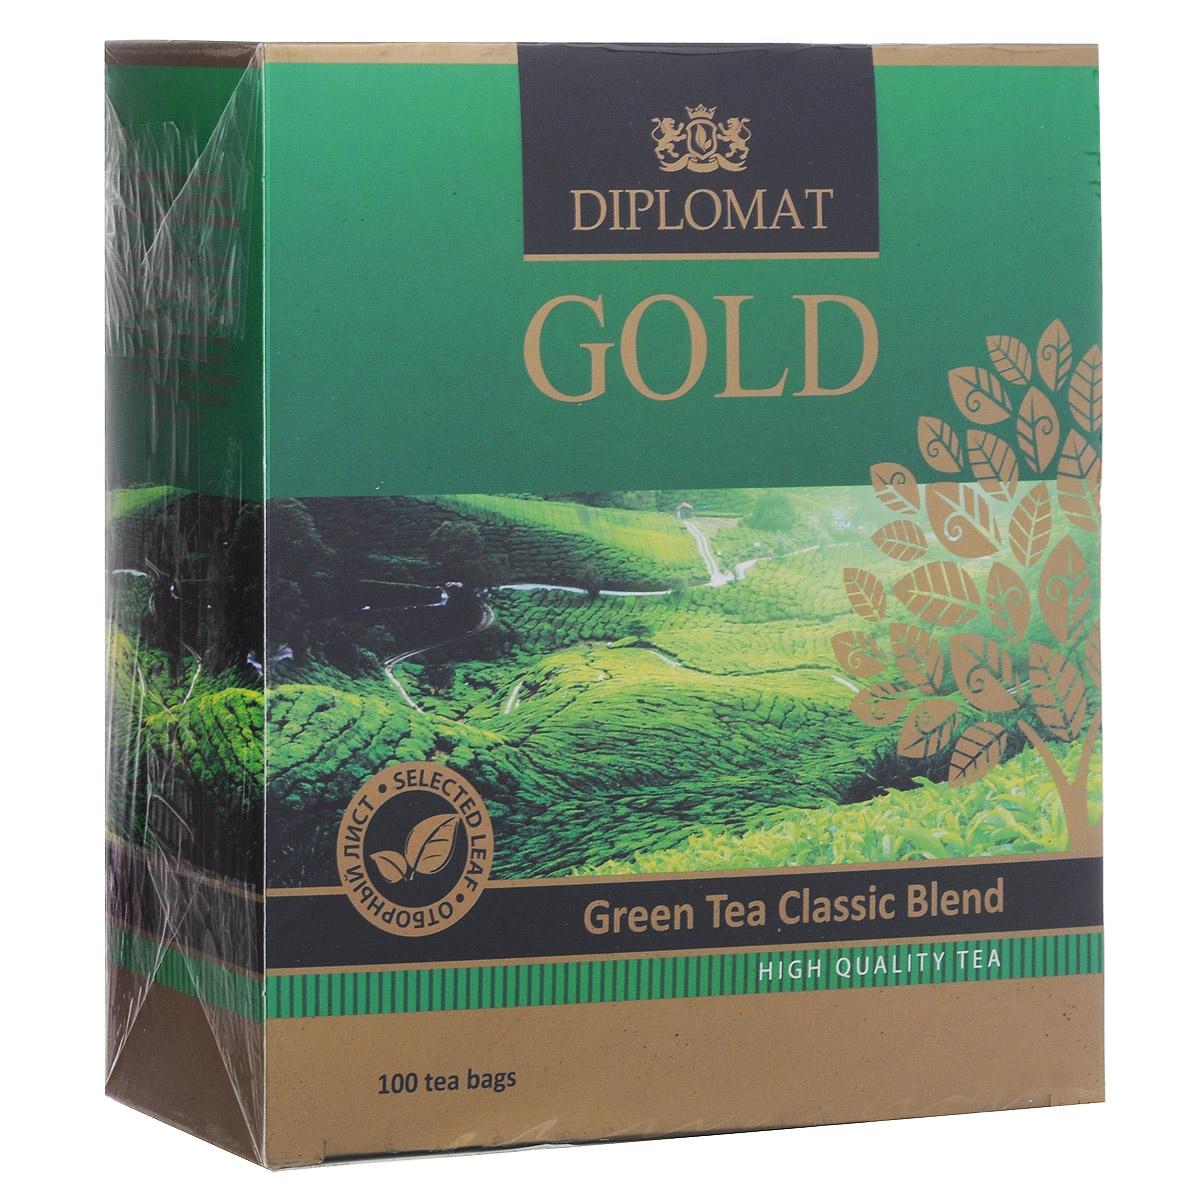 Diplomat Green Tea Classic Blend зеленый чай в пакетиках, 100 шт.0120710Зеленый чай Diplomat Green Tea Classic Blend в пакетиках для разовой заварки. Чистый и легкий чай для тех, кто ценит уникальный вкус и аромат традиционного зеленого чая. Цвет настоя желто-зеленый, аромат цветочный, с кислинкой, вкус насыщенный, но не терпкий, послевкусие умеренное. Навевает мечты об отдыхе и погружает в чарующую негу.